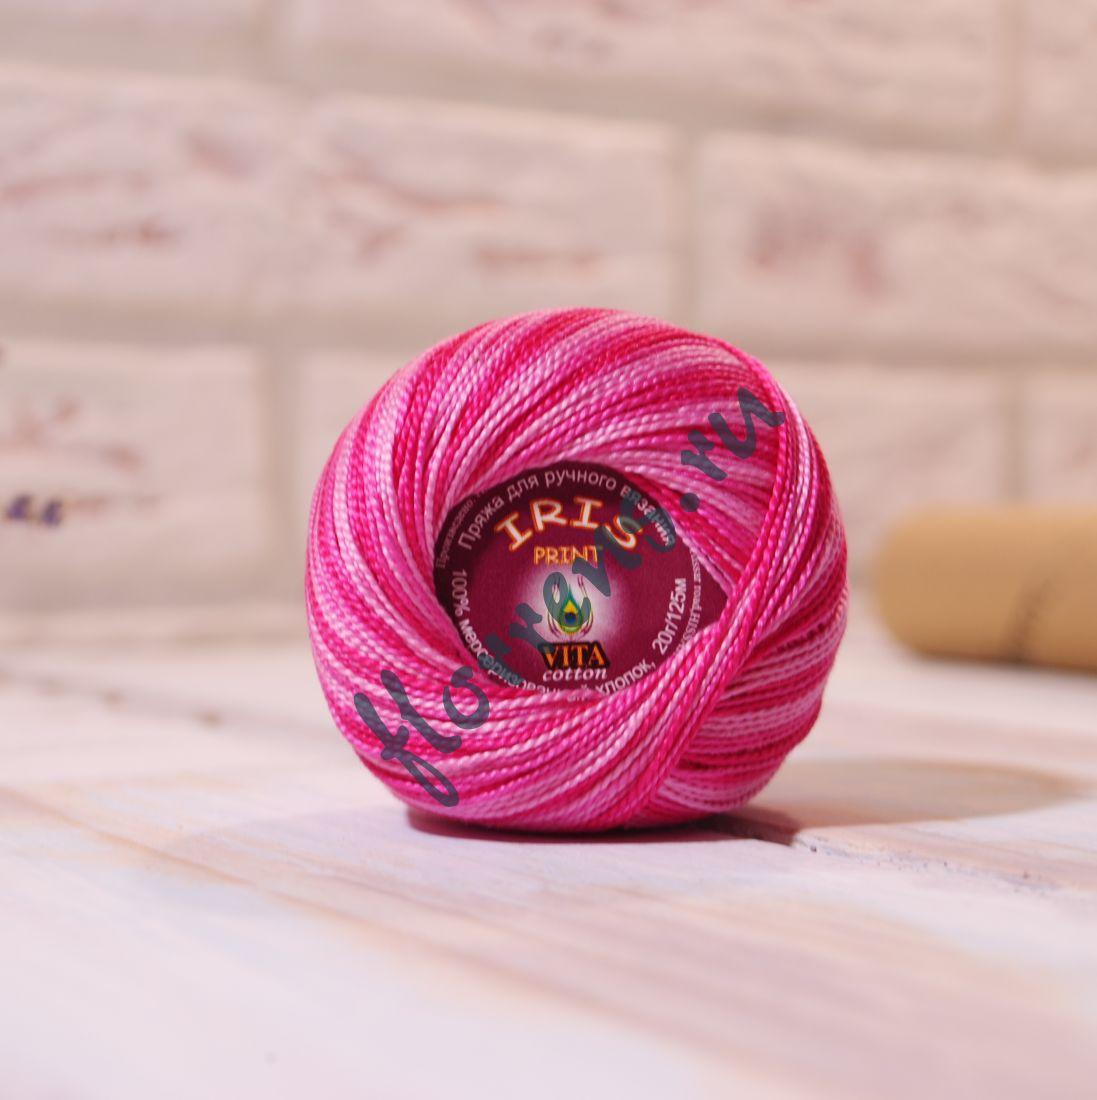 Пряжа Iris print / 2206 розовый меланж